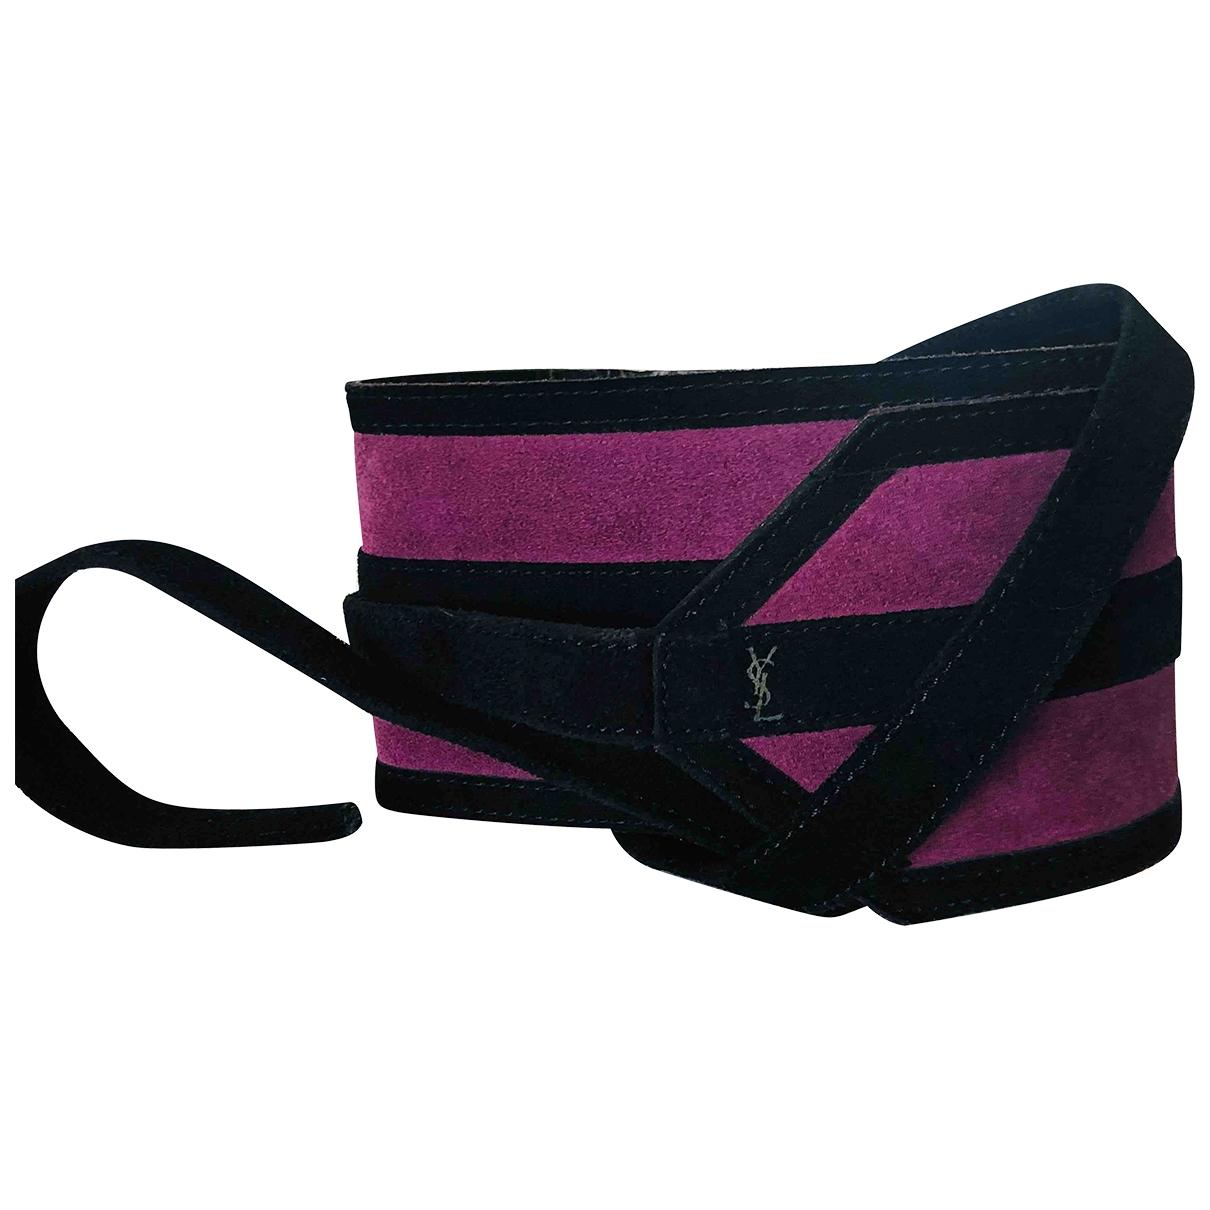 Yves Saint Laurent \N Purple Leather belt for Women S International